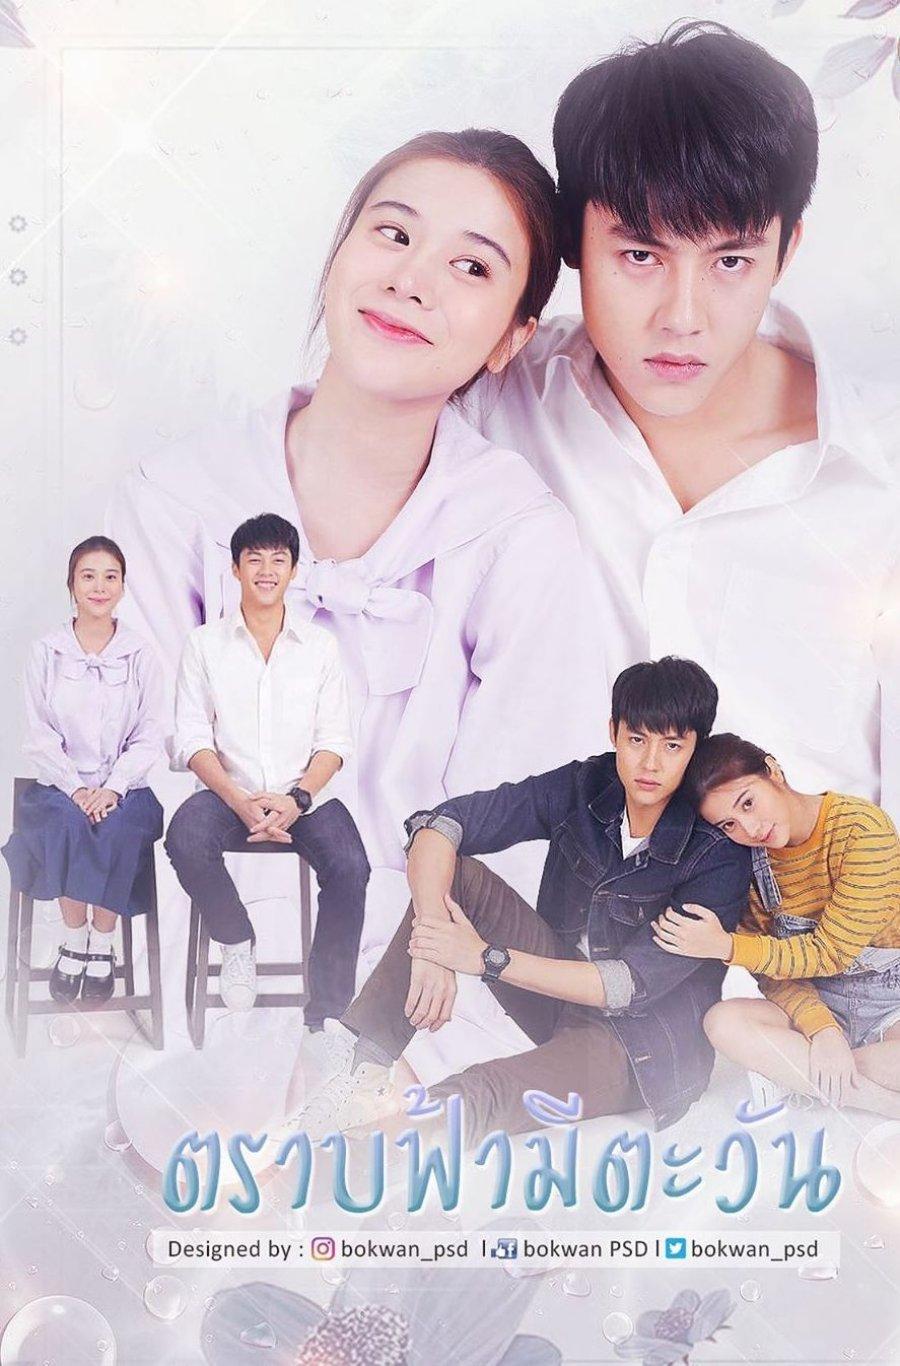 """2020 My Forever Sunshine الدراما التايلاندية """"شمسي إلى الأبد"""". تقرير عن الدراما + الأبطال + جميع الحلقات مترجمة أونلاين . مسلسل شمسي إلى الأبد مترجم"""